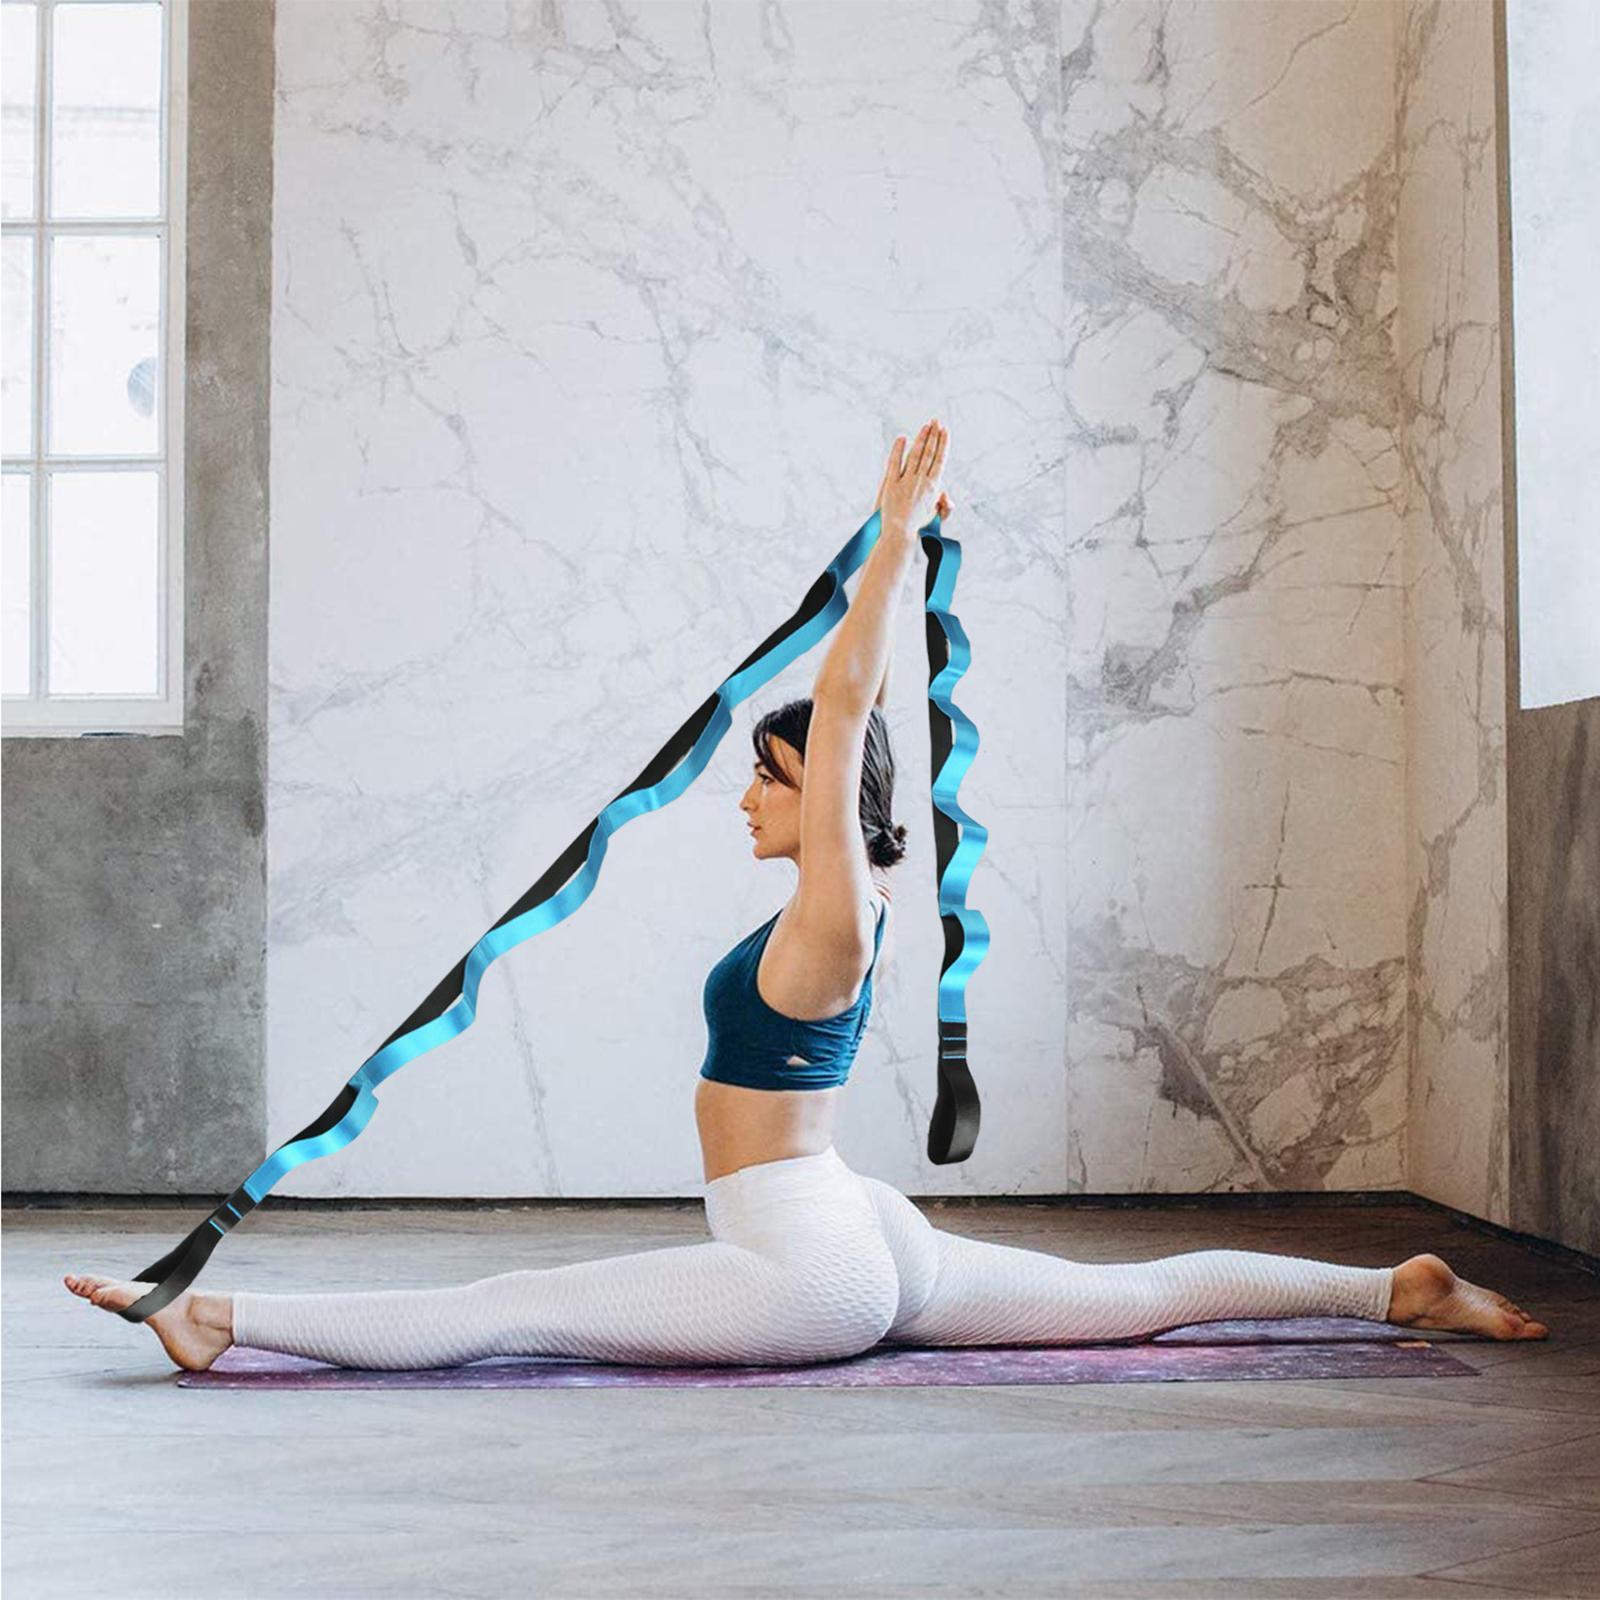 miniatura 5 - Pierna camilla yoga Stretch Strap Latin Dance Gymnastic pull cinturón flexibilidad